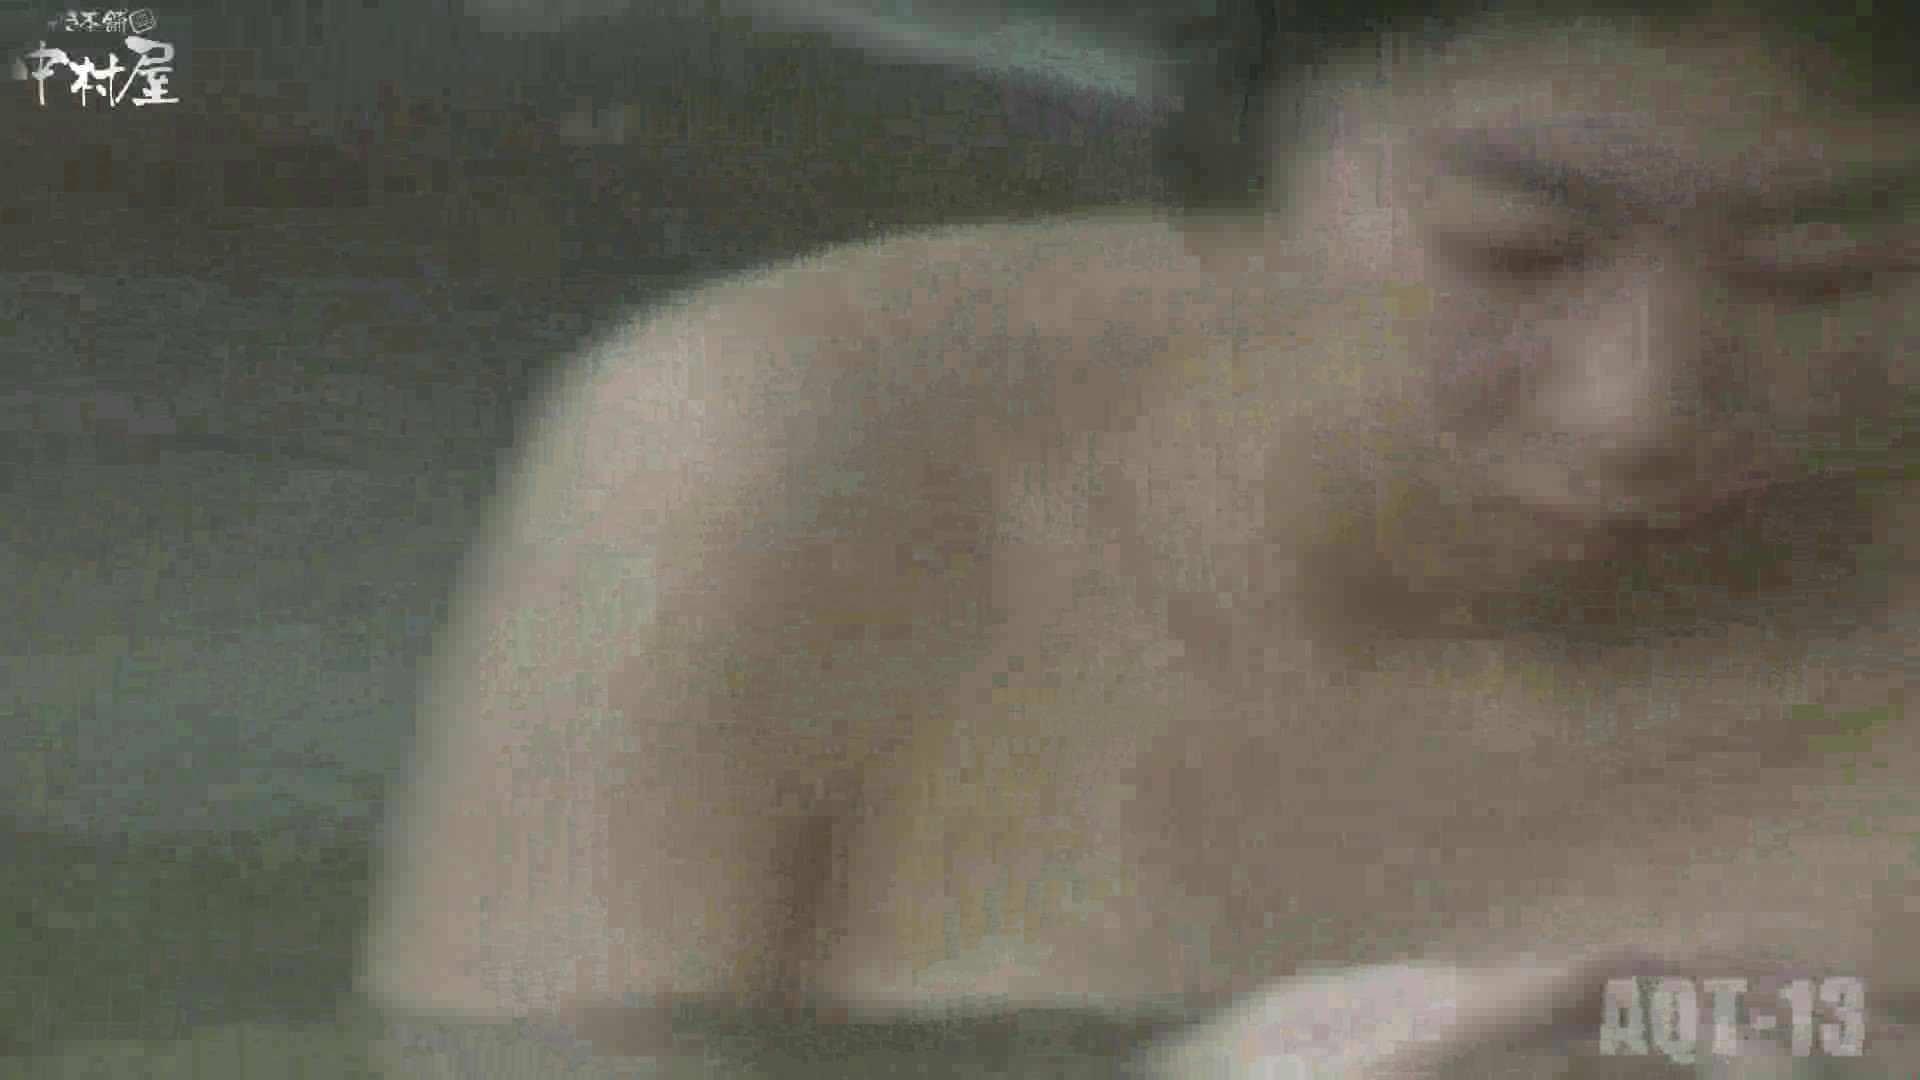 Aquaな露天風呂Vol.877潜入盗撮露天風呂十三判湯 其の三 HなOL | 露天  77pic 16